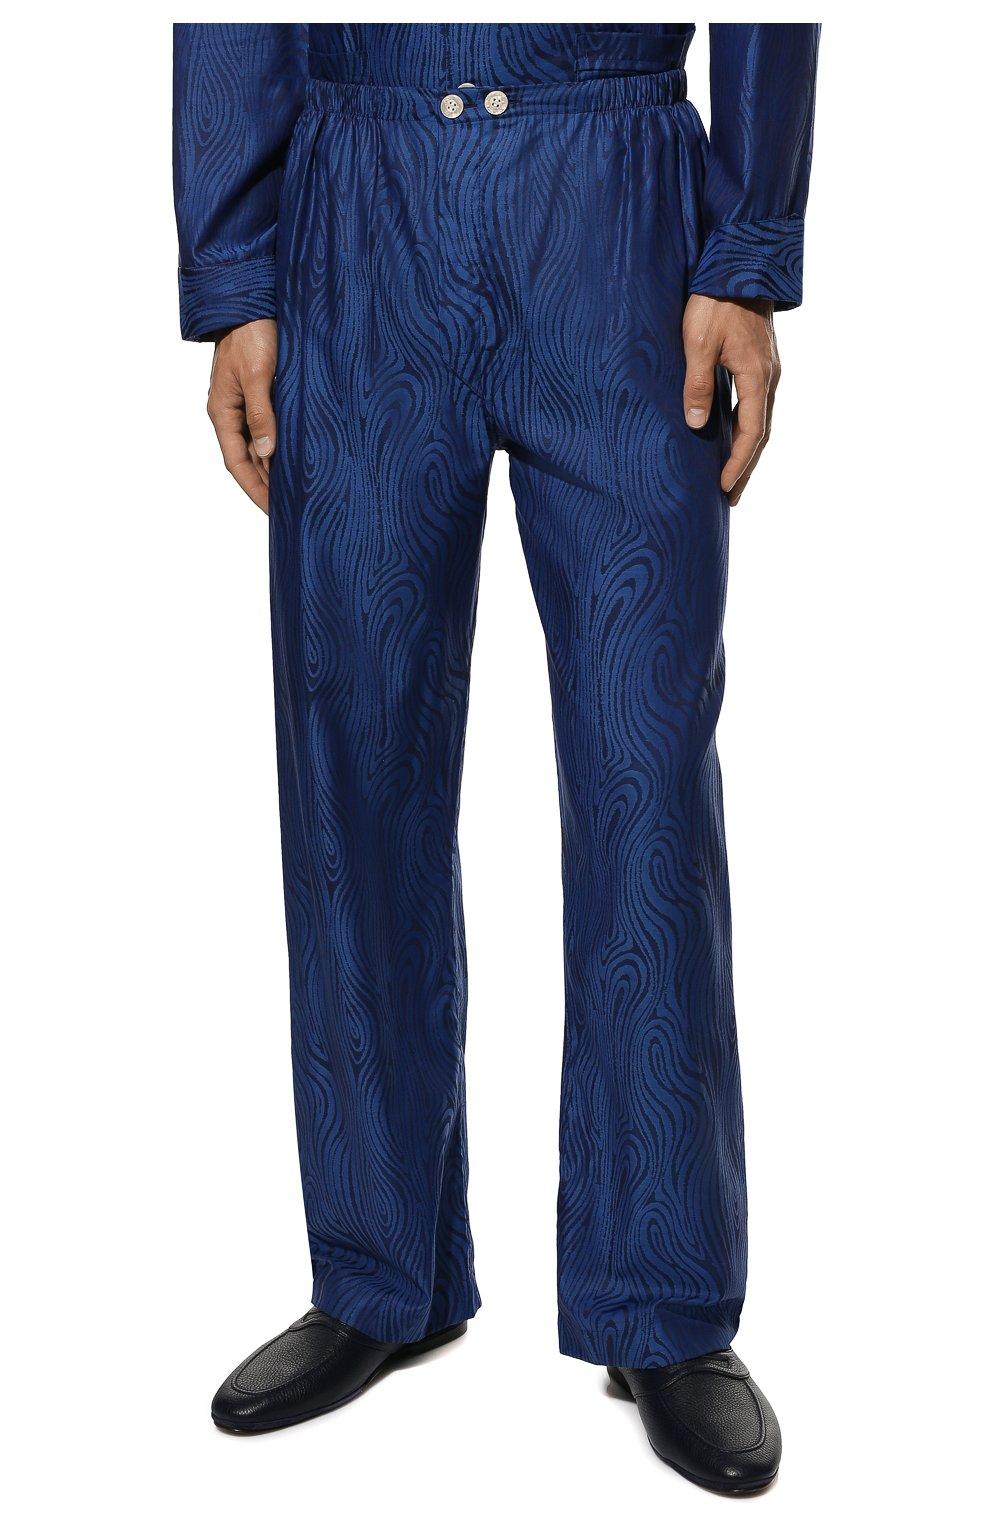 Мужская хлопковая пижама DEREK ROSE темно-синего цвета, арт. 5000-PARI020   Фото 5 (Рукава: Длинные; Длина (брюки, джинсы): Стандартные; Кросс-КТ: домашняя одежда; Длина (для топов): Стандартные; Материал внешний: Хлопок)